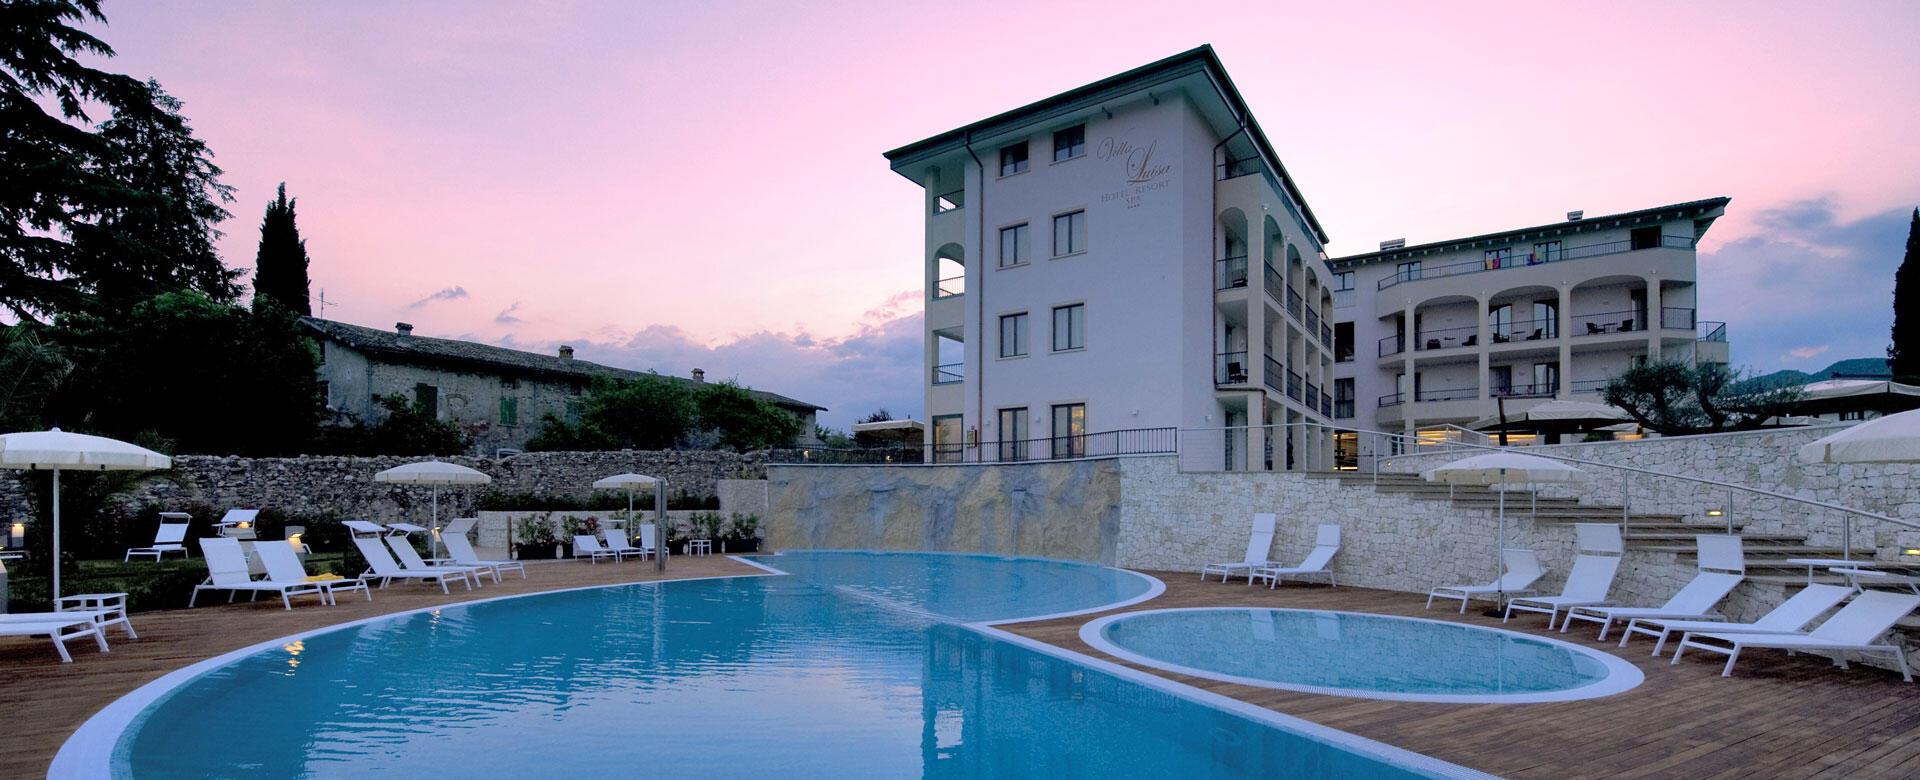 hotelvillaluisa it vacanze-in-sicurezza 004